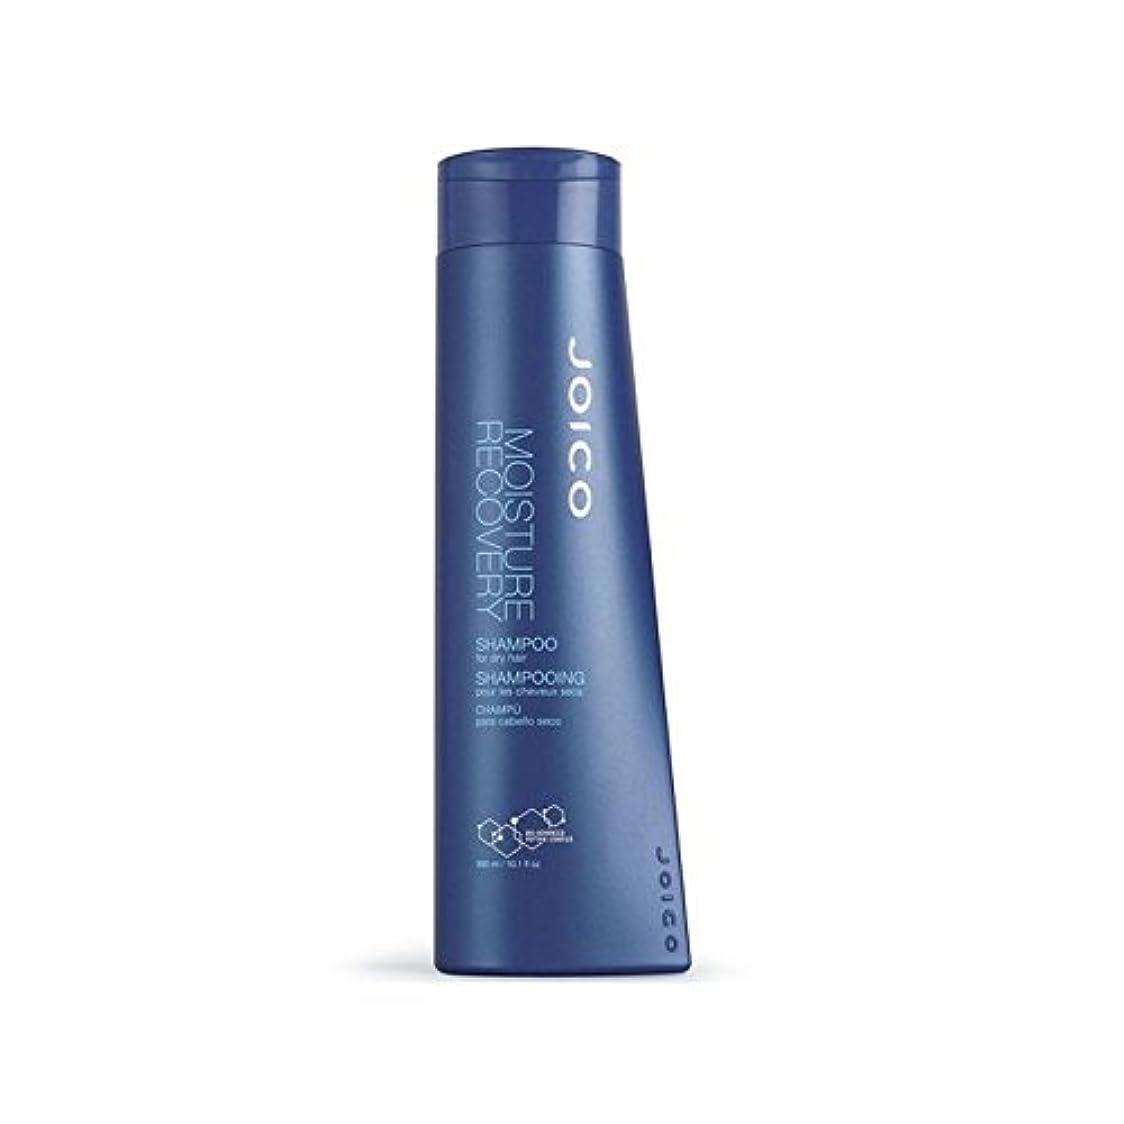 講師パケット新鮮なJoico Moisture Recovery Shampoo 300ml (Pack of 6) - ジョイコ水分回復シャンプー300ミリリットル x6 [並行輸入品]